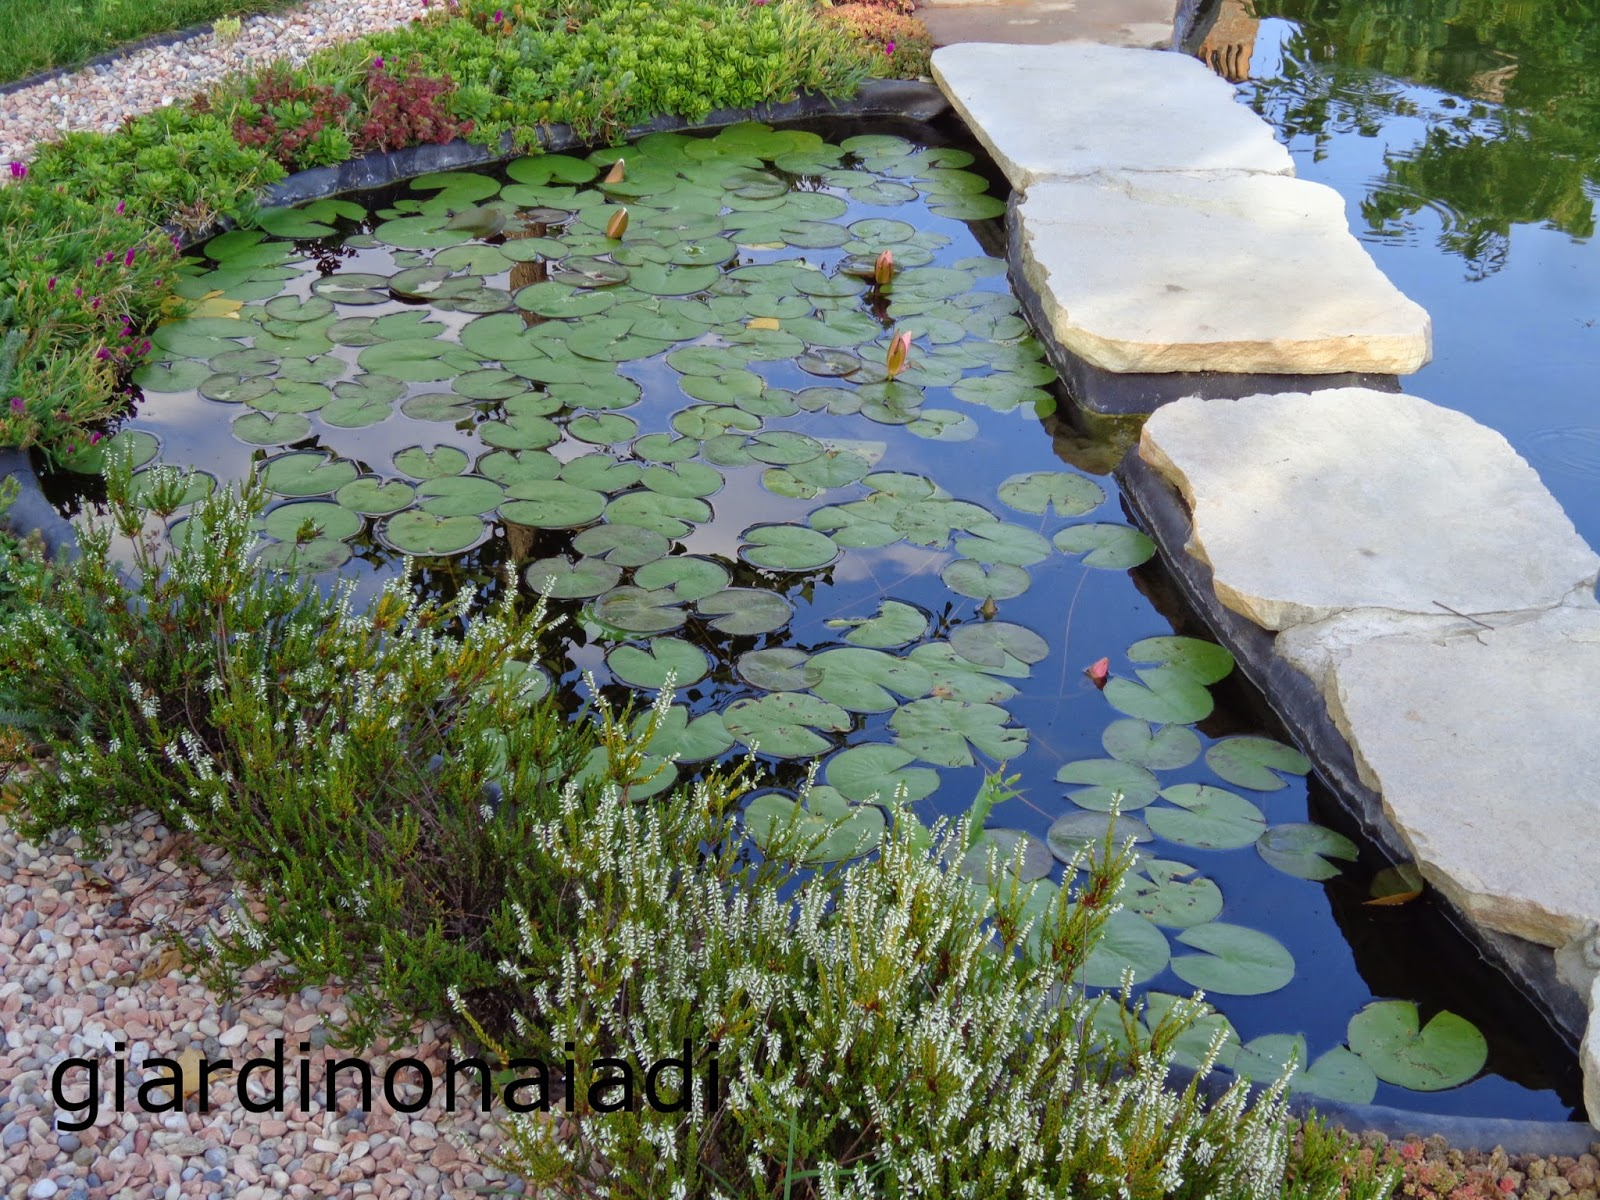 Il giardino delle naiadi filtrazione naturale e tecnica for Piscina tartarughe